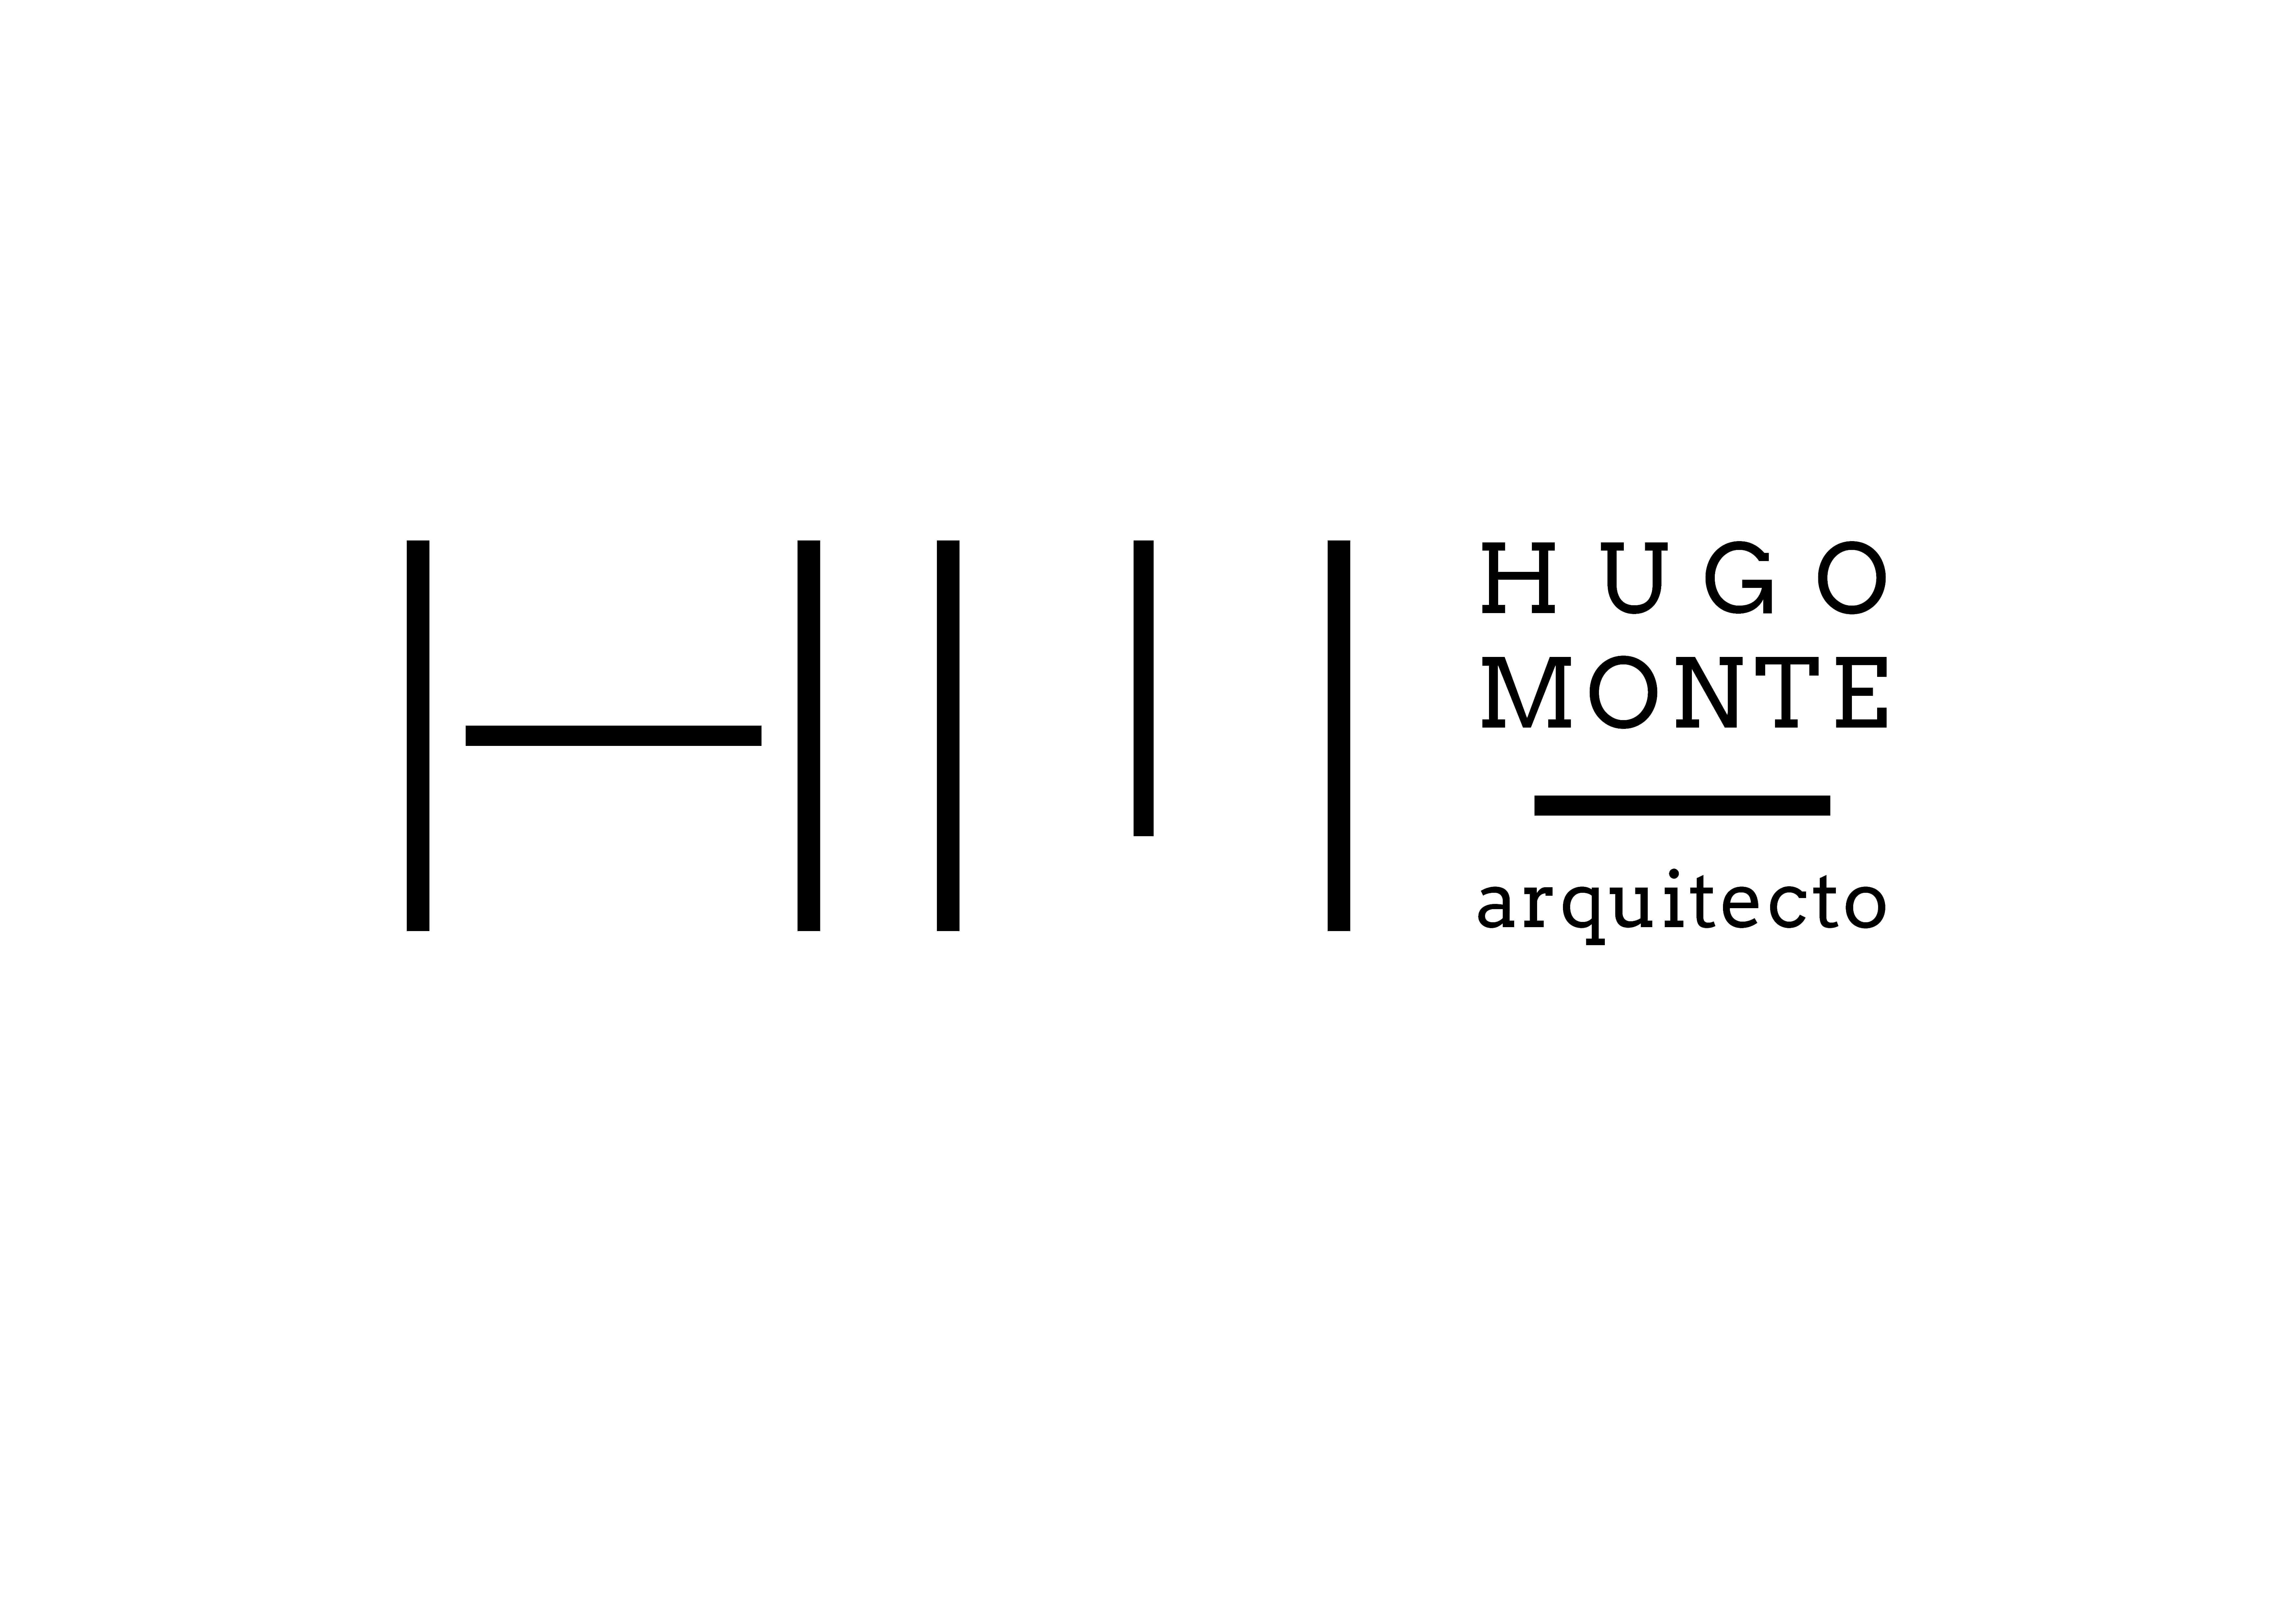 Hugo Monte, arquitecto